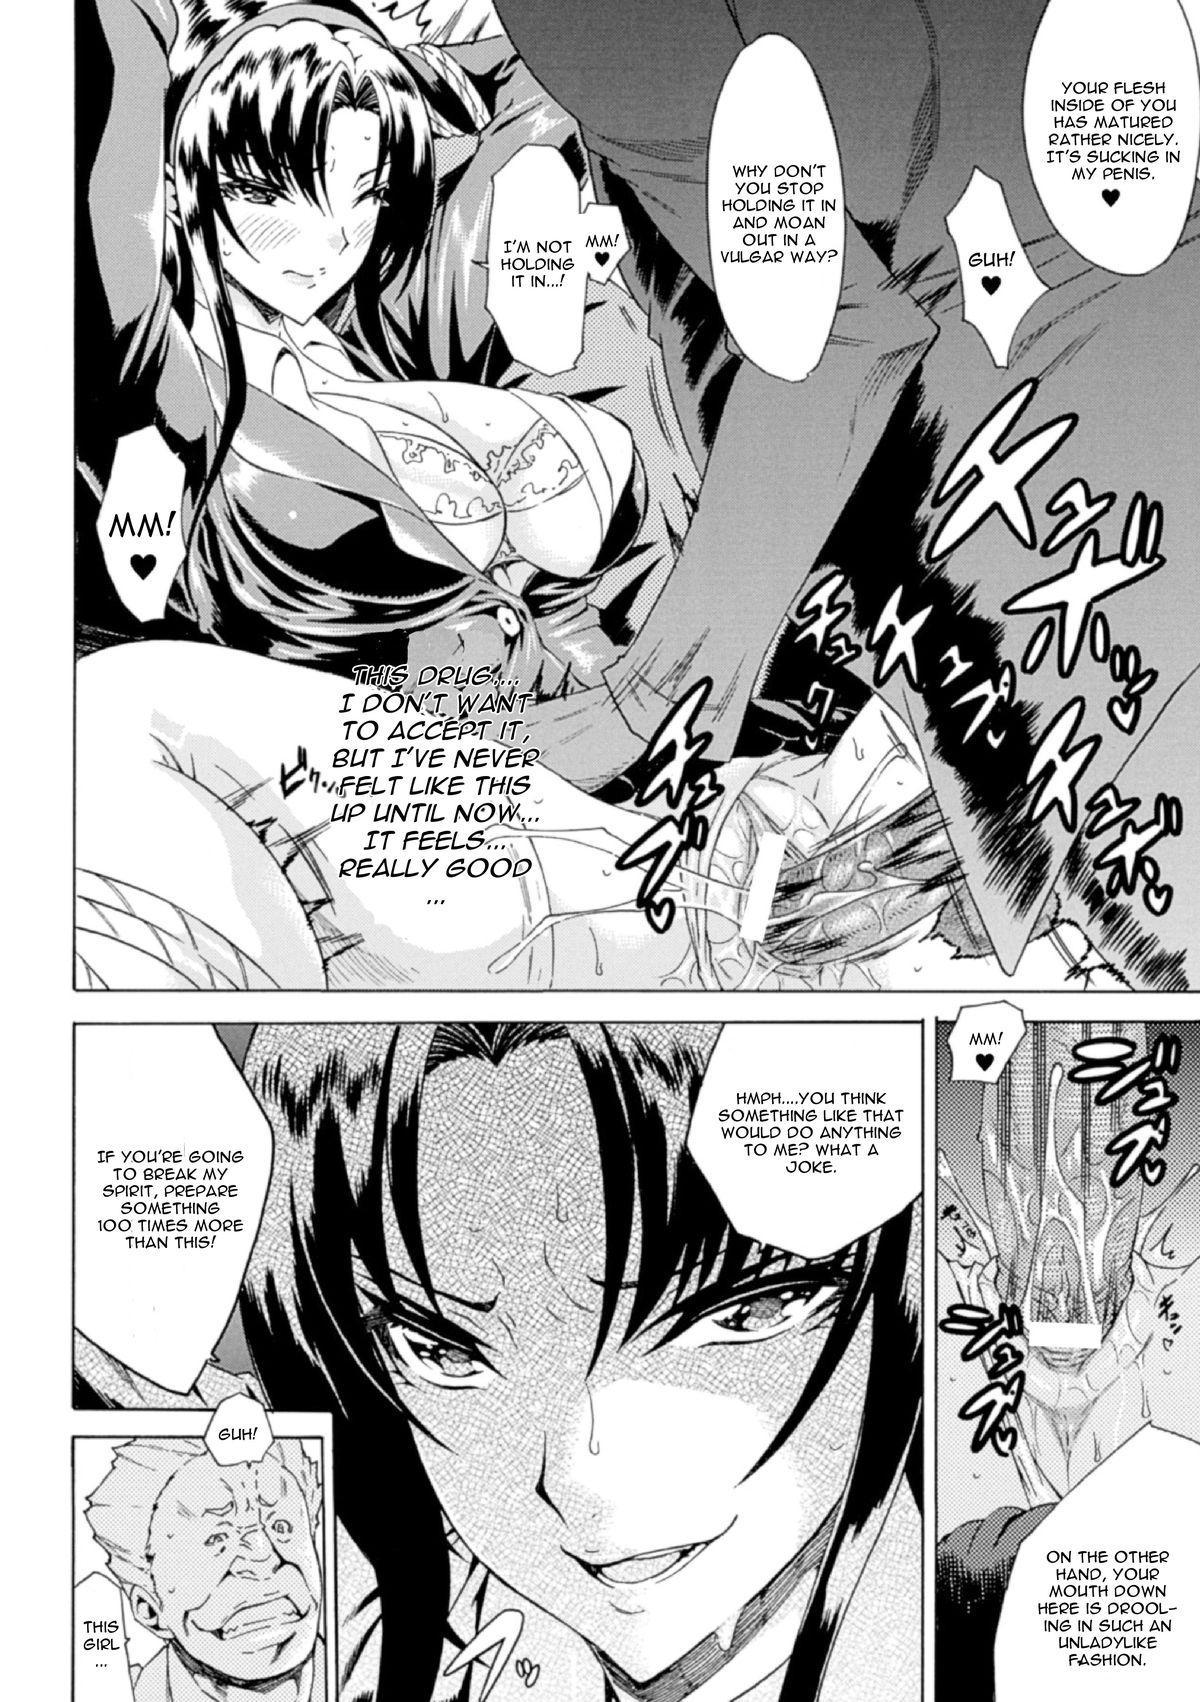 Shinsei Reizoku Seitokai 5